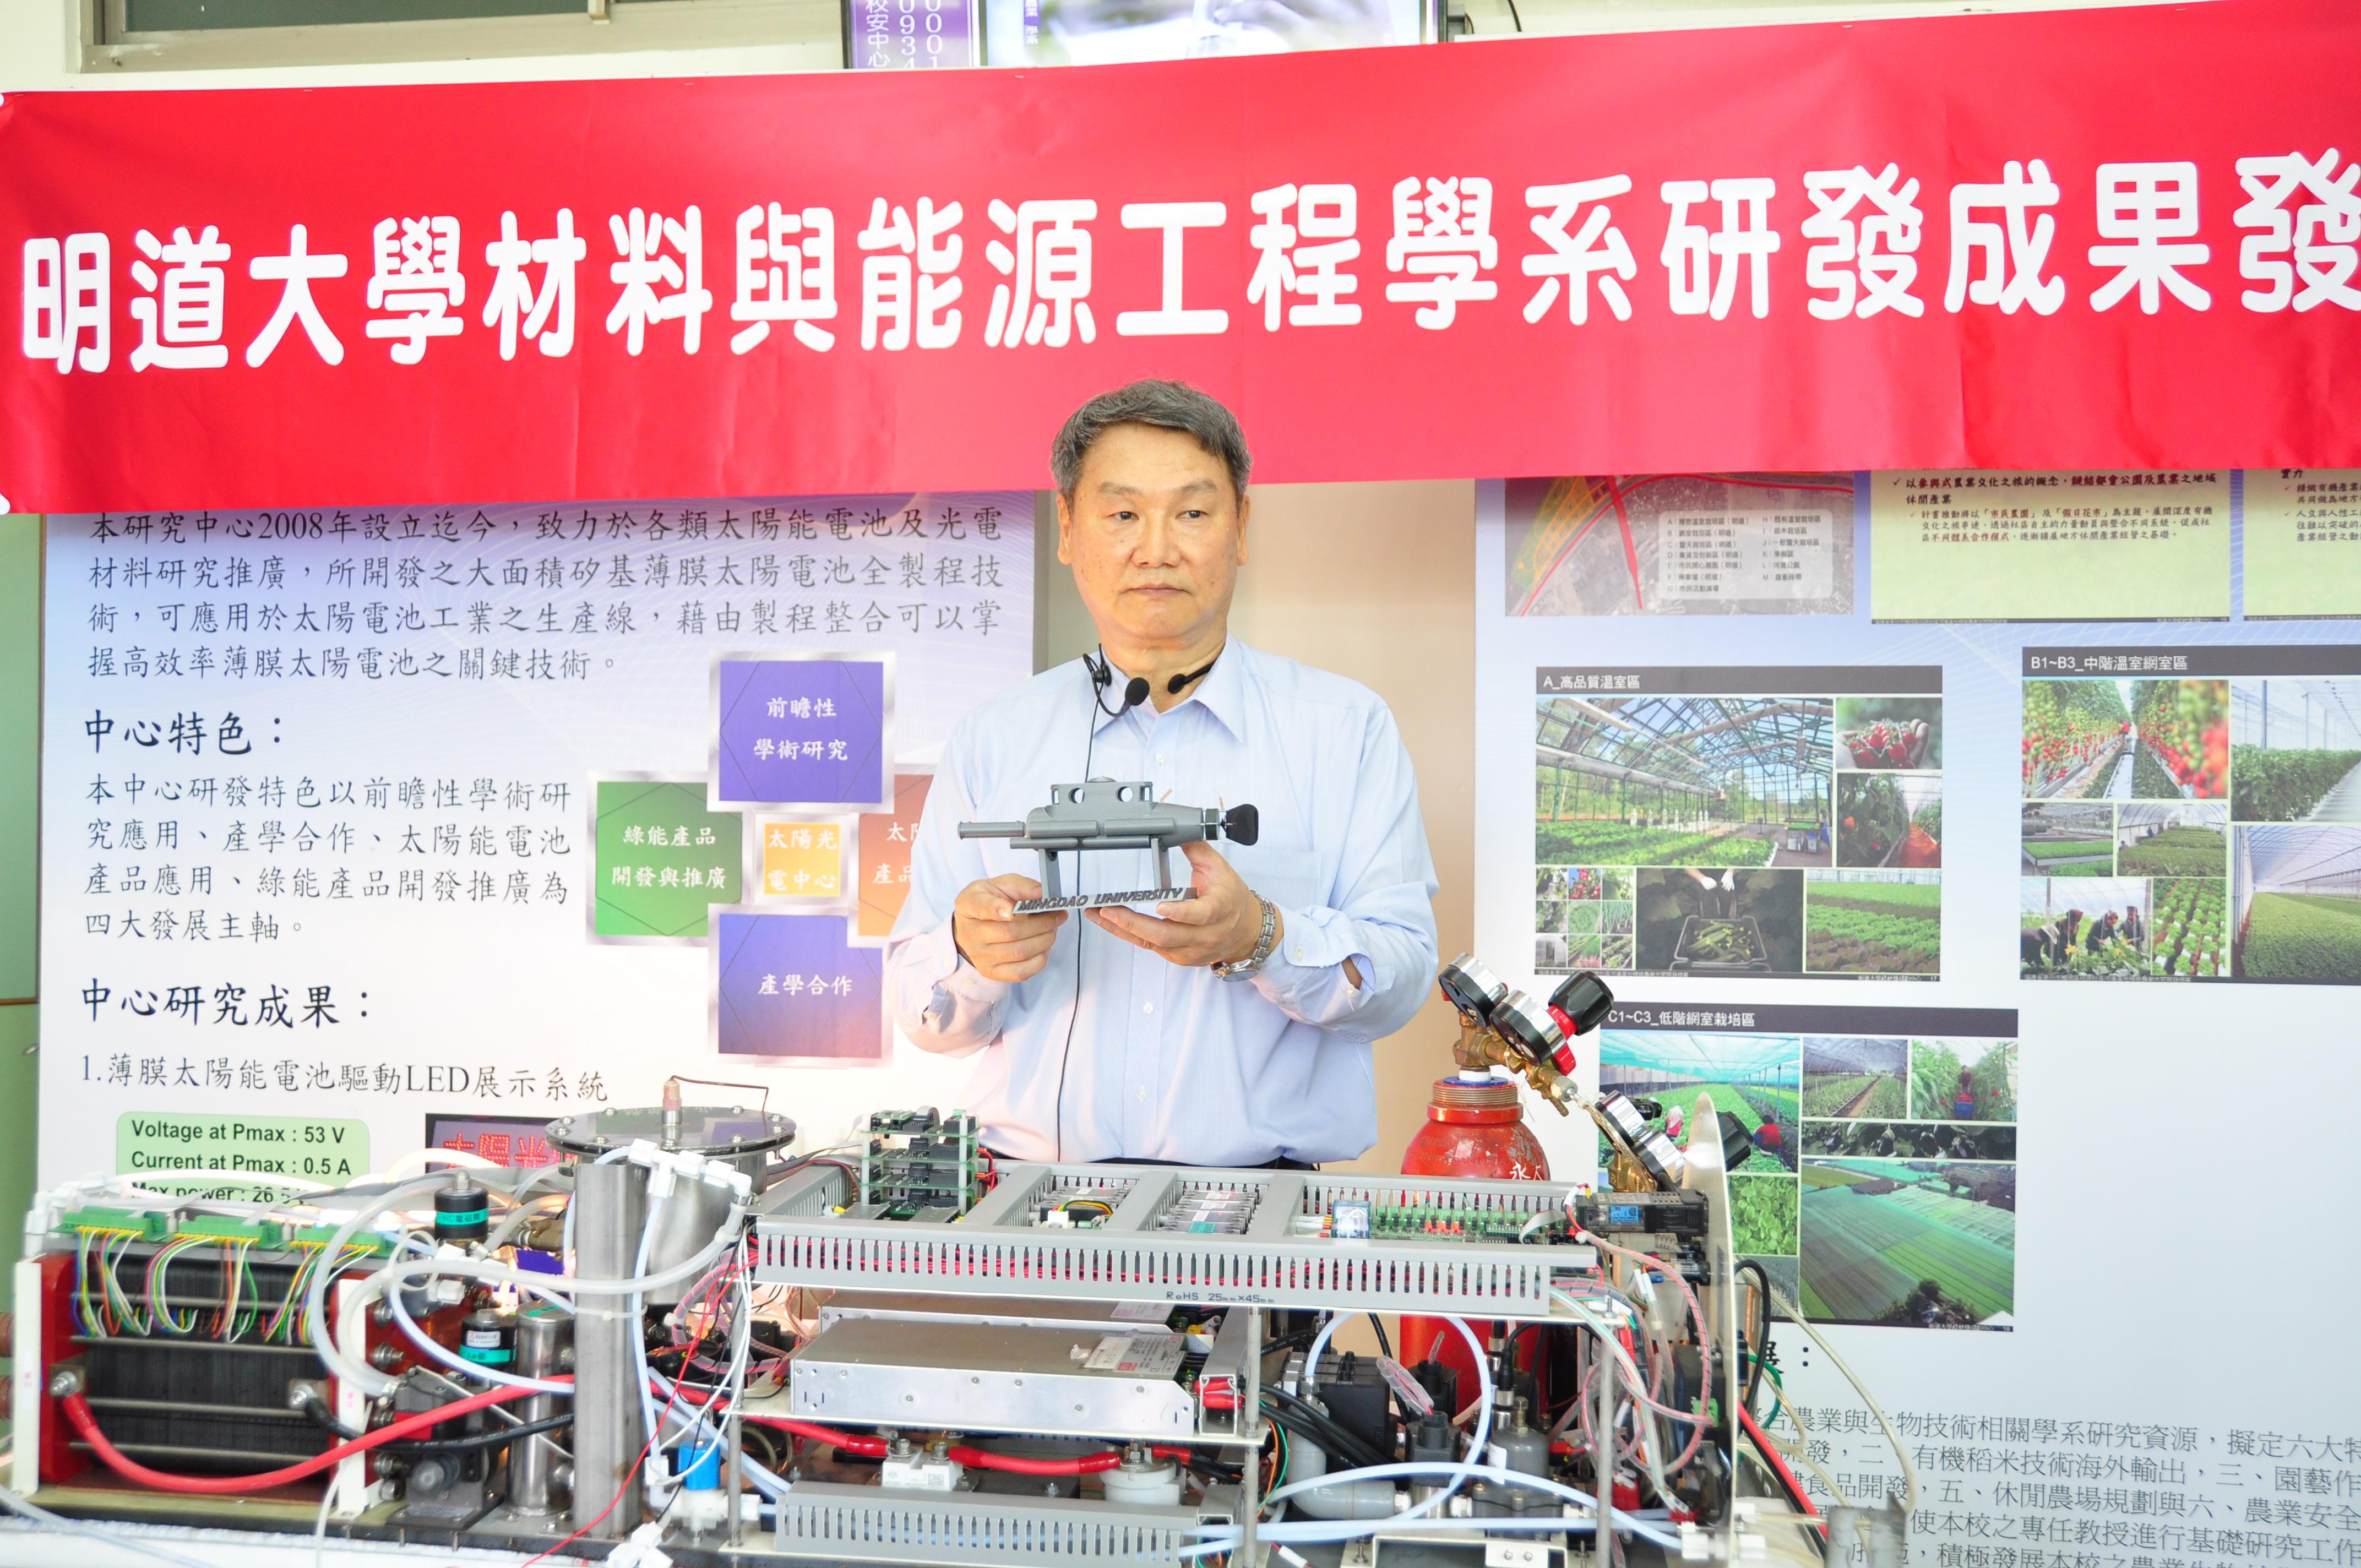 前瞻綠能新成果,明道成功研發「水下純氫燃料電池系統」-材料系